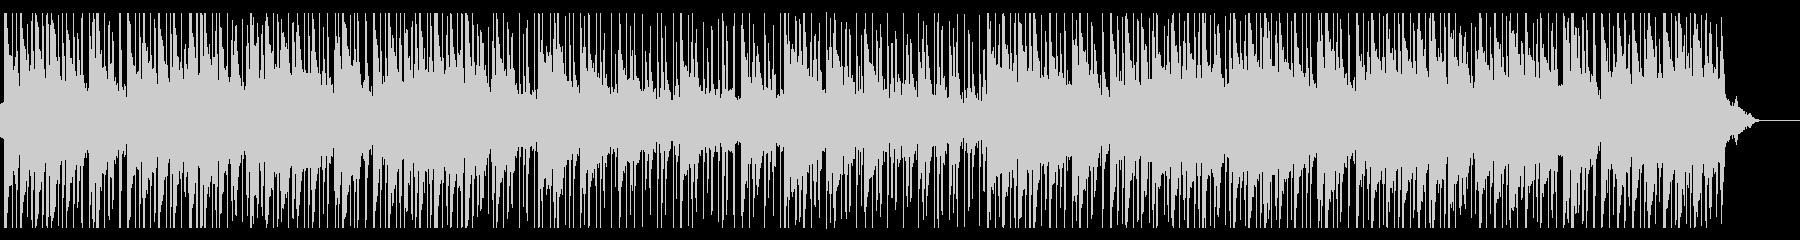 ローファイヒップホップ/チルアウトの未再生の波形